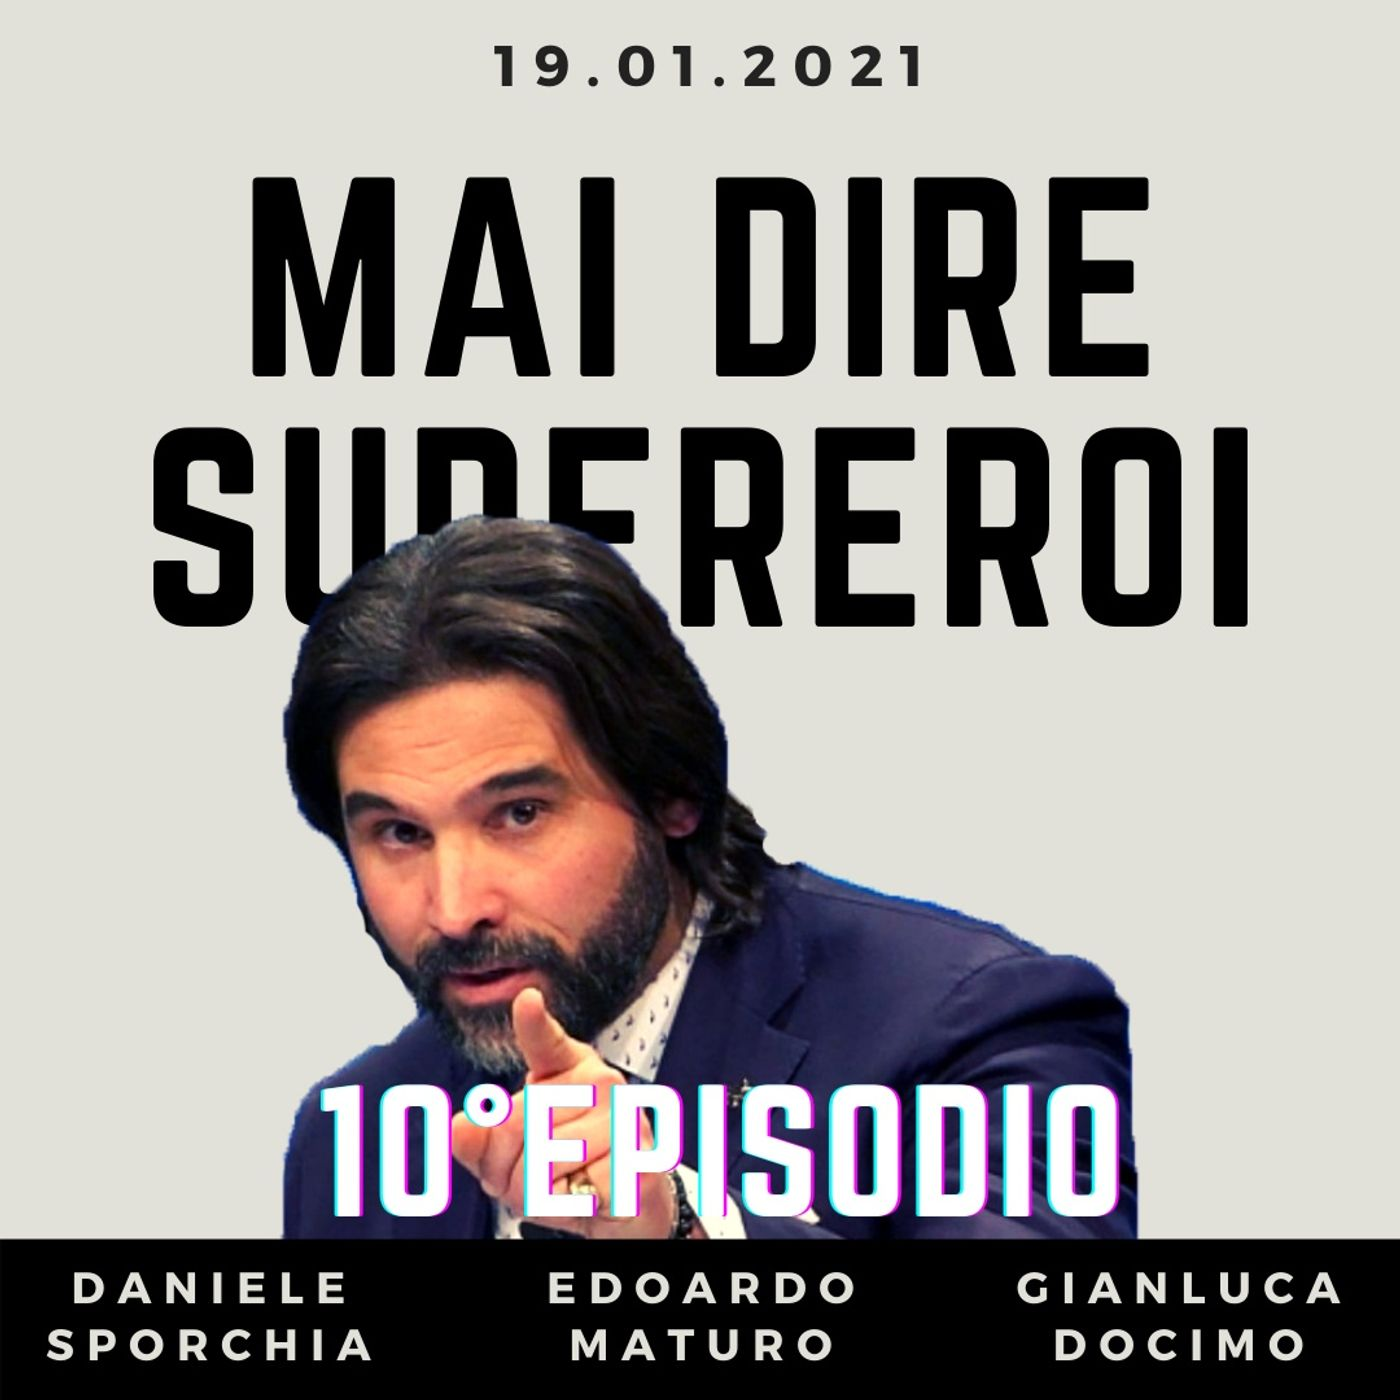 MAI DIRE SUPEREROI - 10° EPISODIO